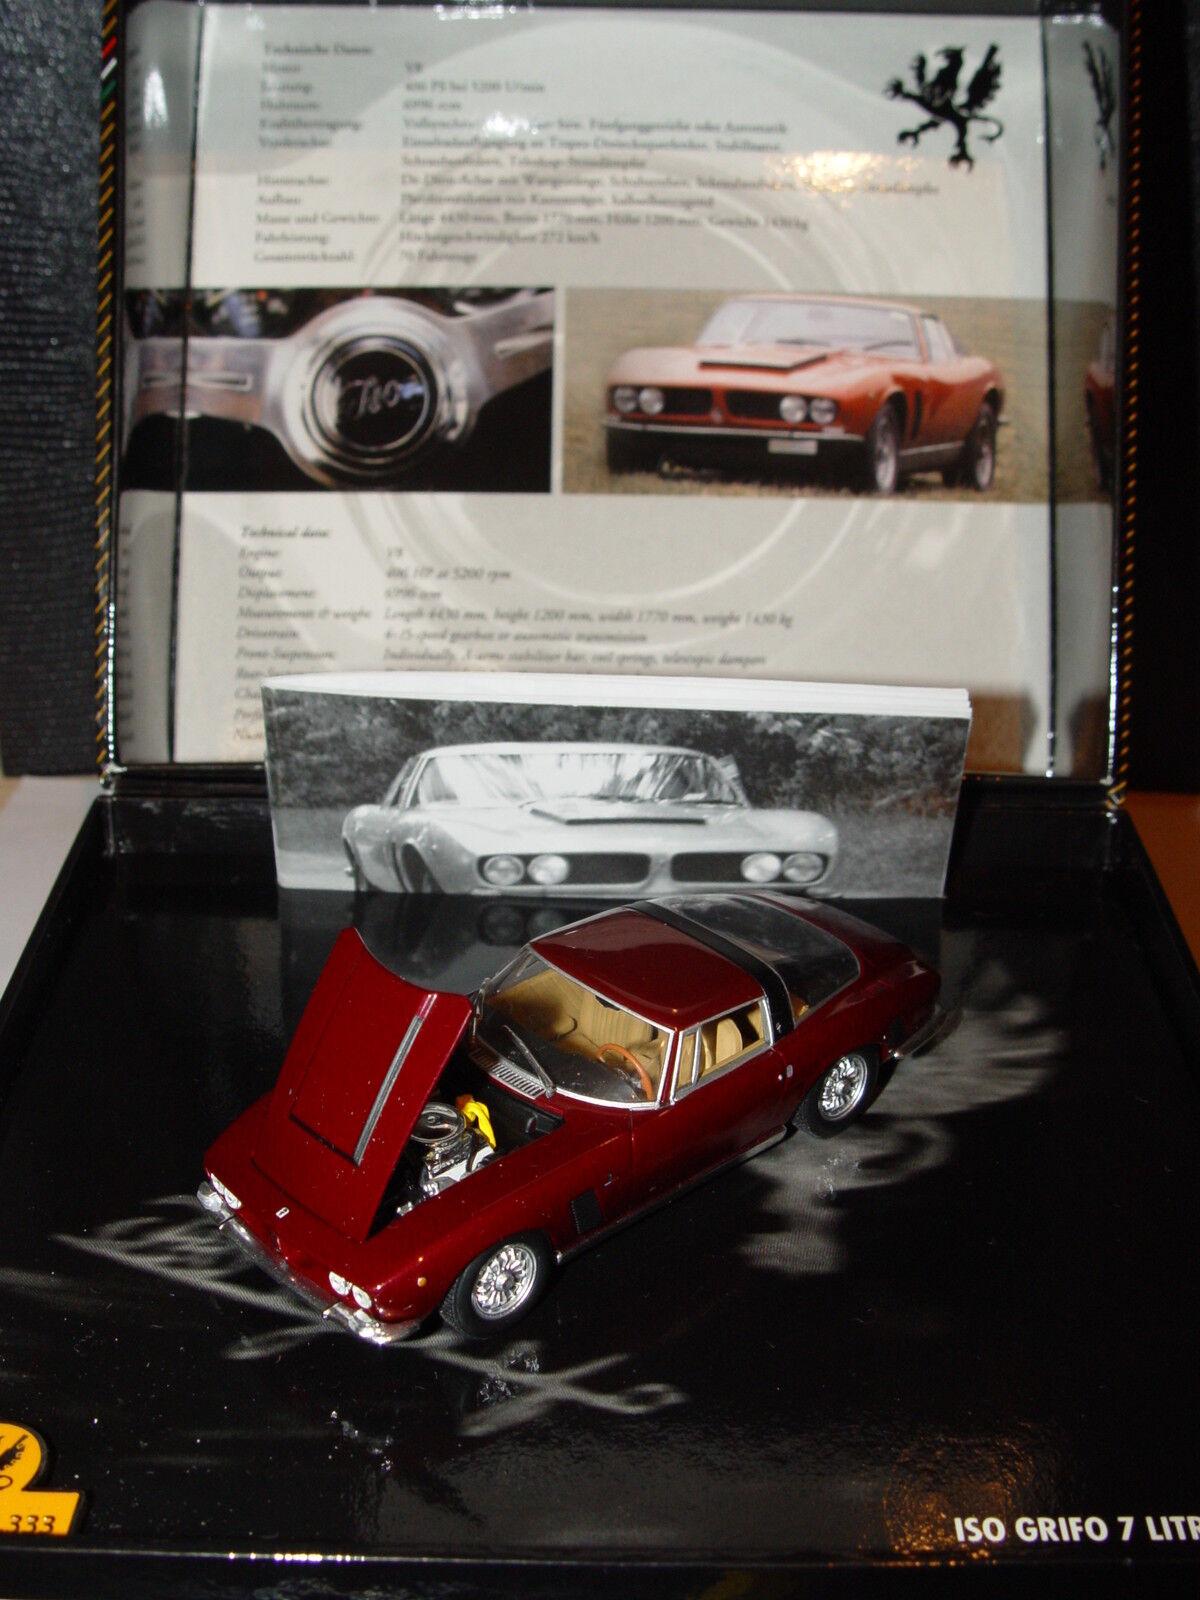 Joyeuses fêtes  Meilleure offre! ISO Grifo 7 litri 1968 Minichamps 1/43e   De Haute Qualité Et Peu Coûteux